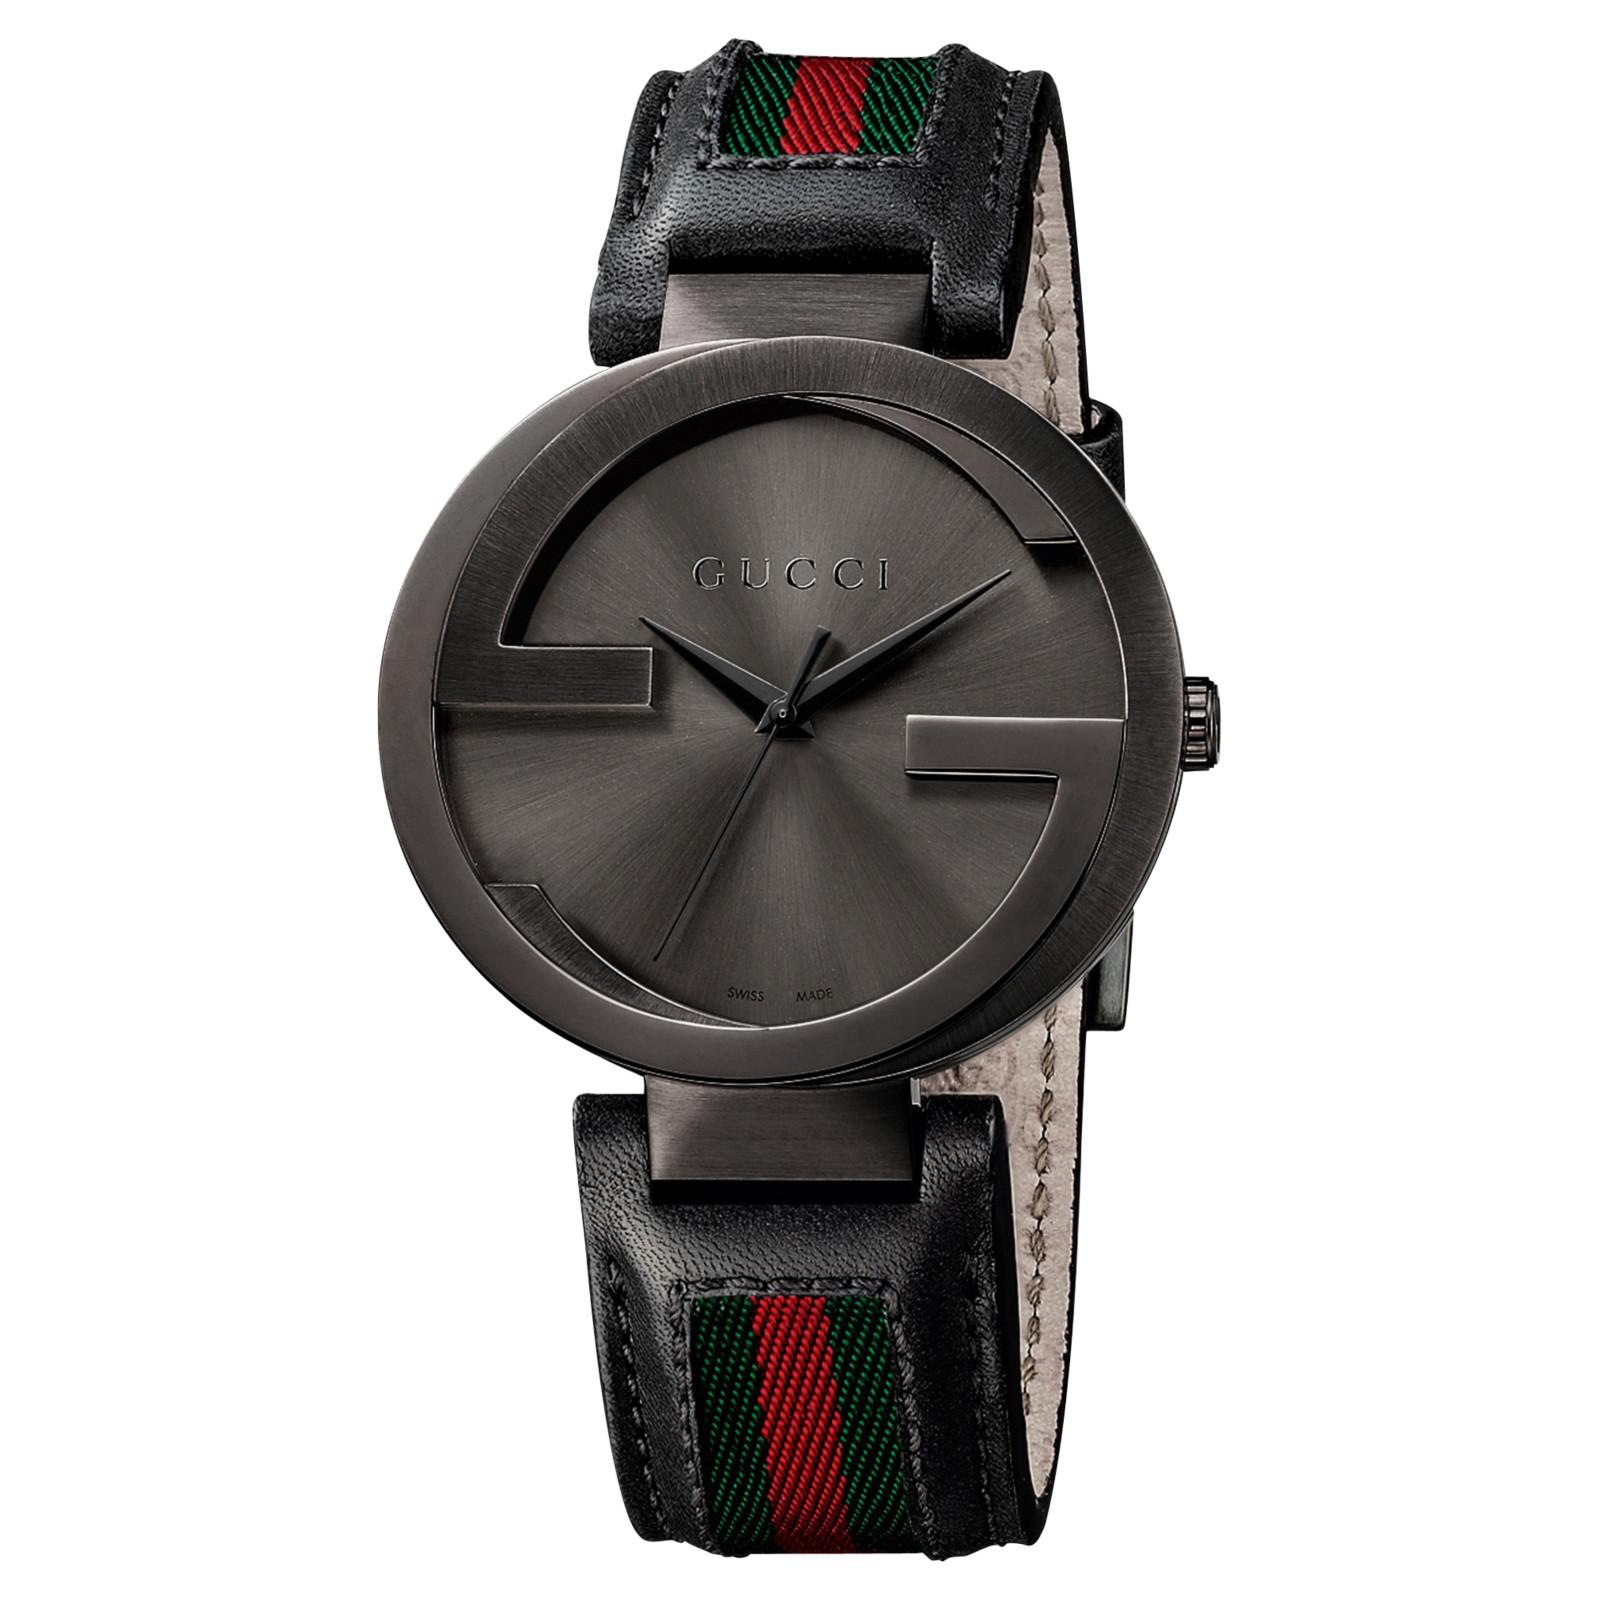 5cd85ab1bae Gucci Ya133206 Men s Interlocking G Fabric Strap Watch in Black - Lyst